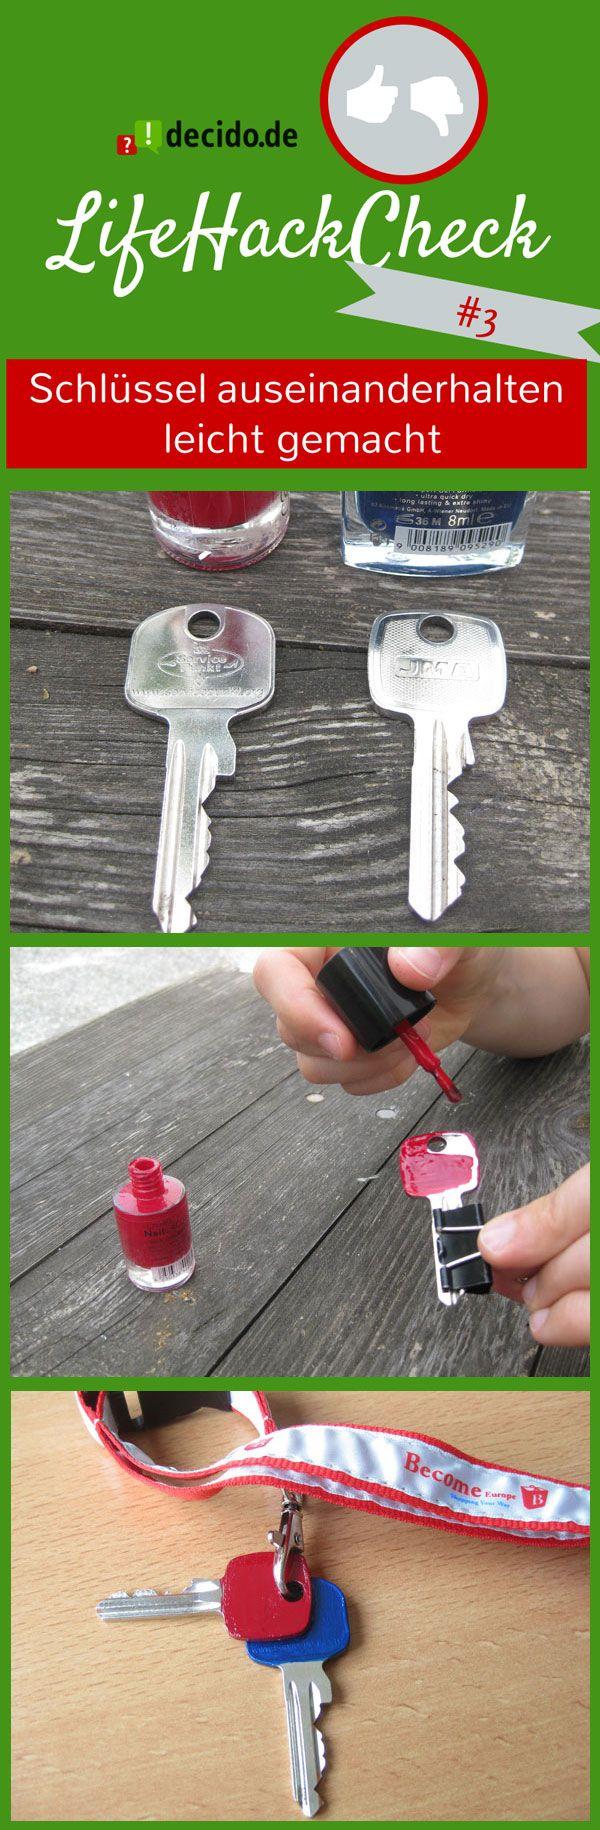 #LifeHack : Schlüssel auseinanderhalten leicht gemacht!   Der Life Hack: Einfach jeden Schlüssel mit Nagellack in einer anderen knalligen Farbe bemalen! #tipps #tricks